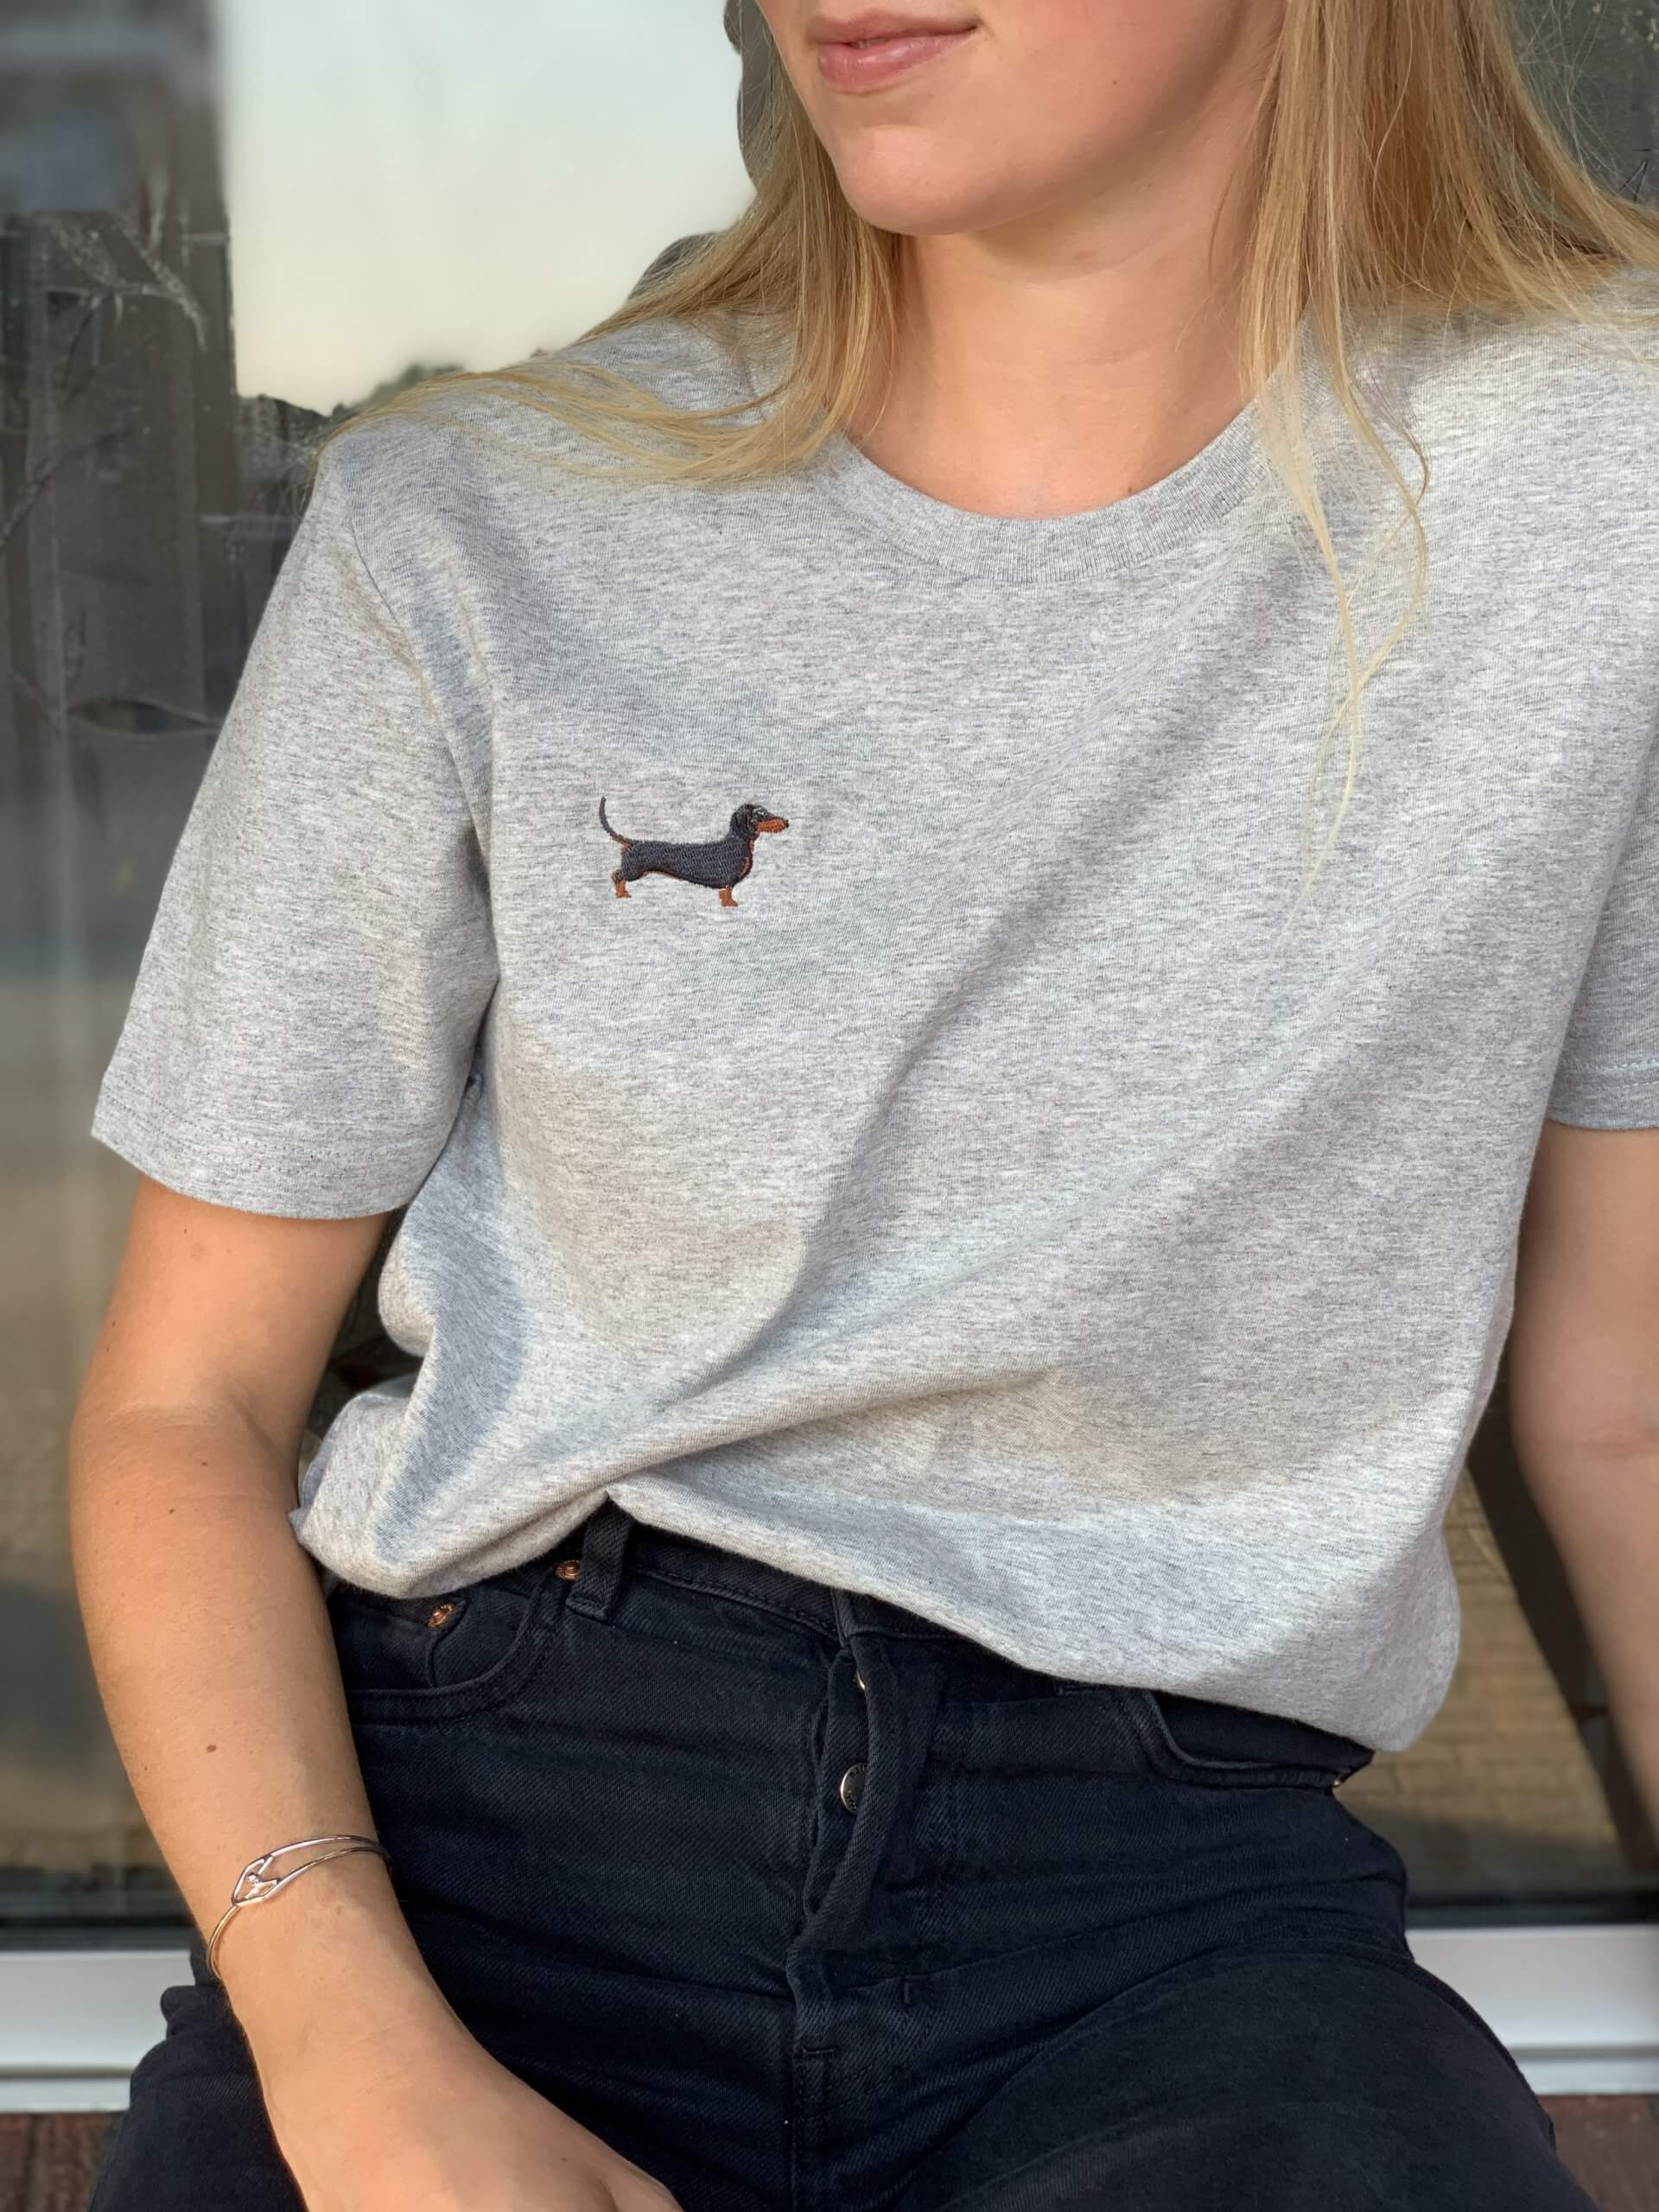 una chica promociona camiseta de Dackelclub Berlin